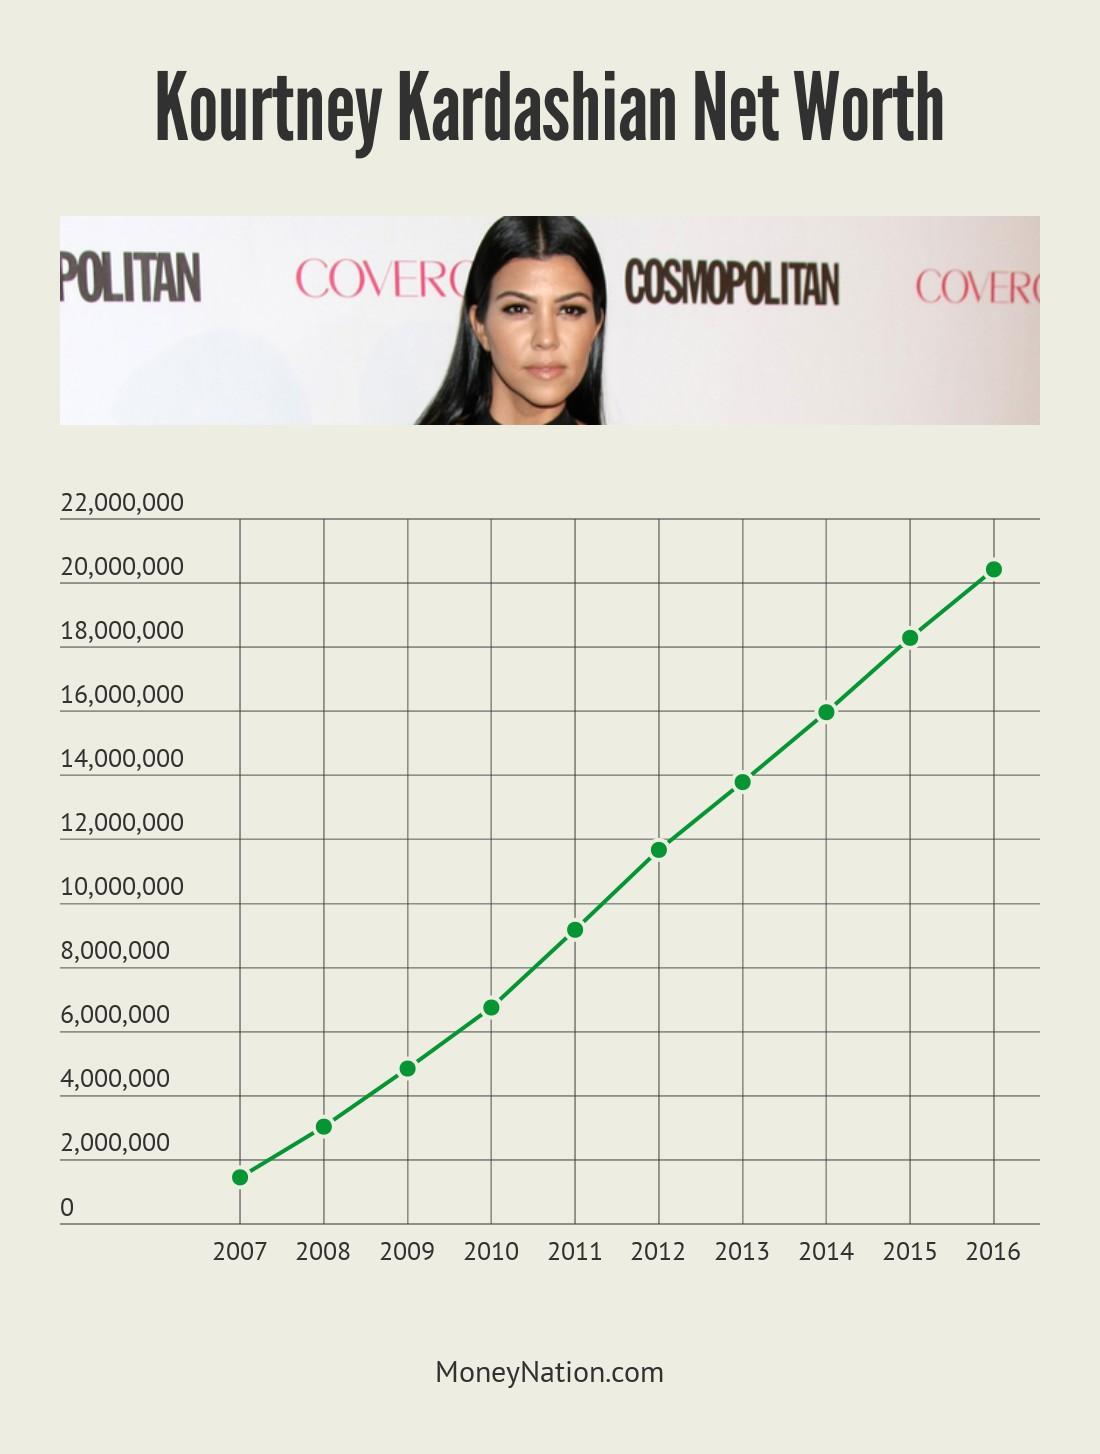 Kourtney Kardashian Net Worth Timeline